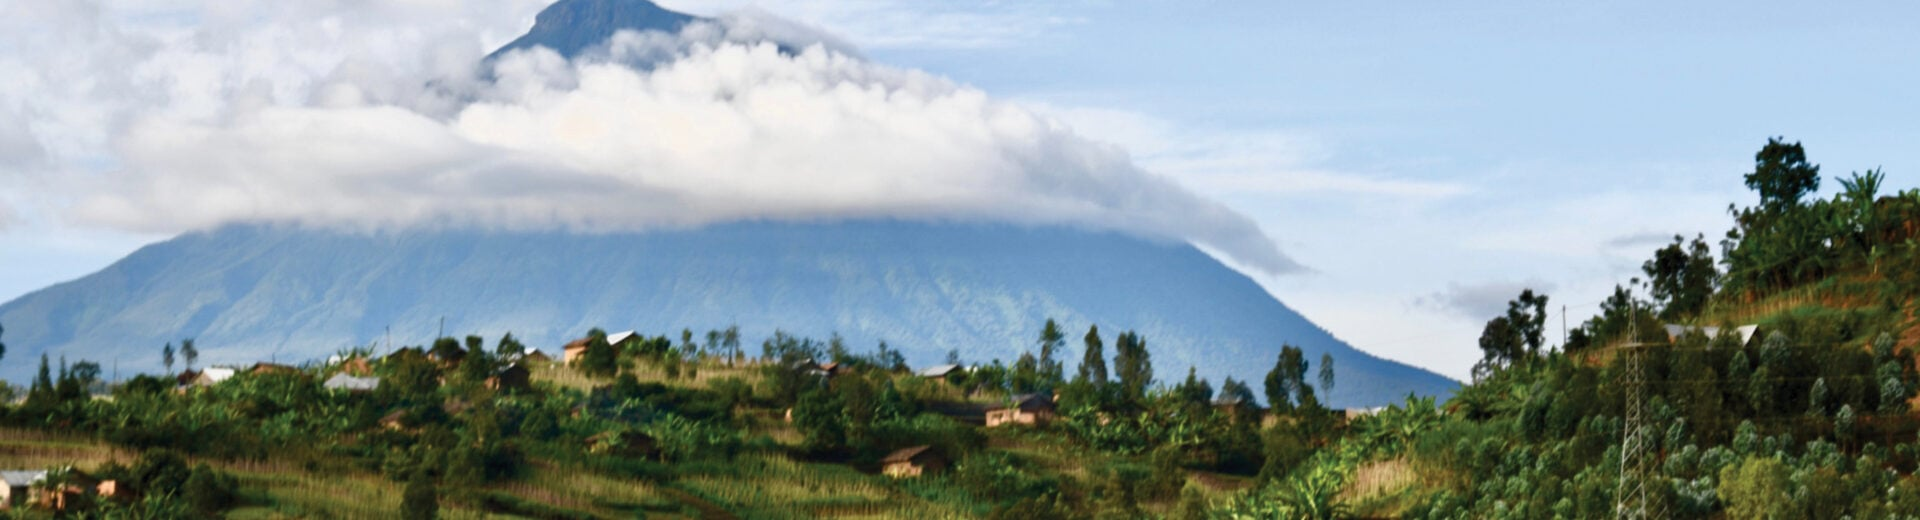 Rwanda Gorilla Trekking in Virunga